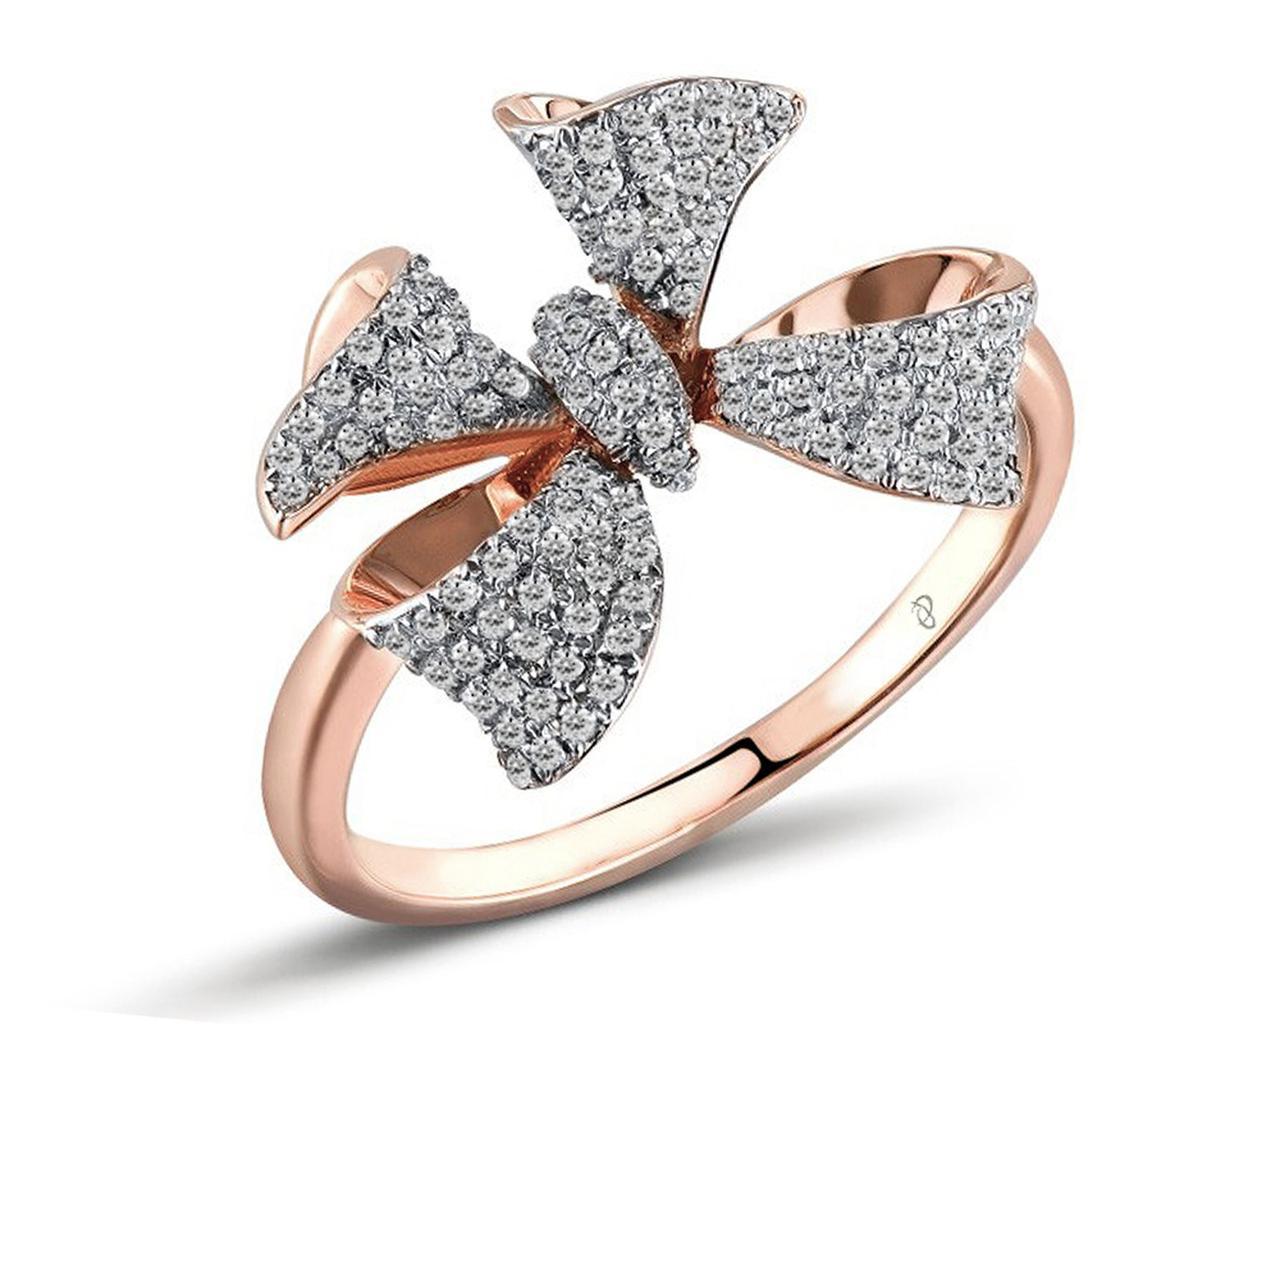 Золотое кольцо с бриллиантами, размер 16.5 (1551747)